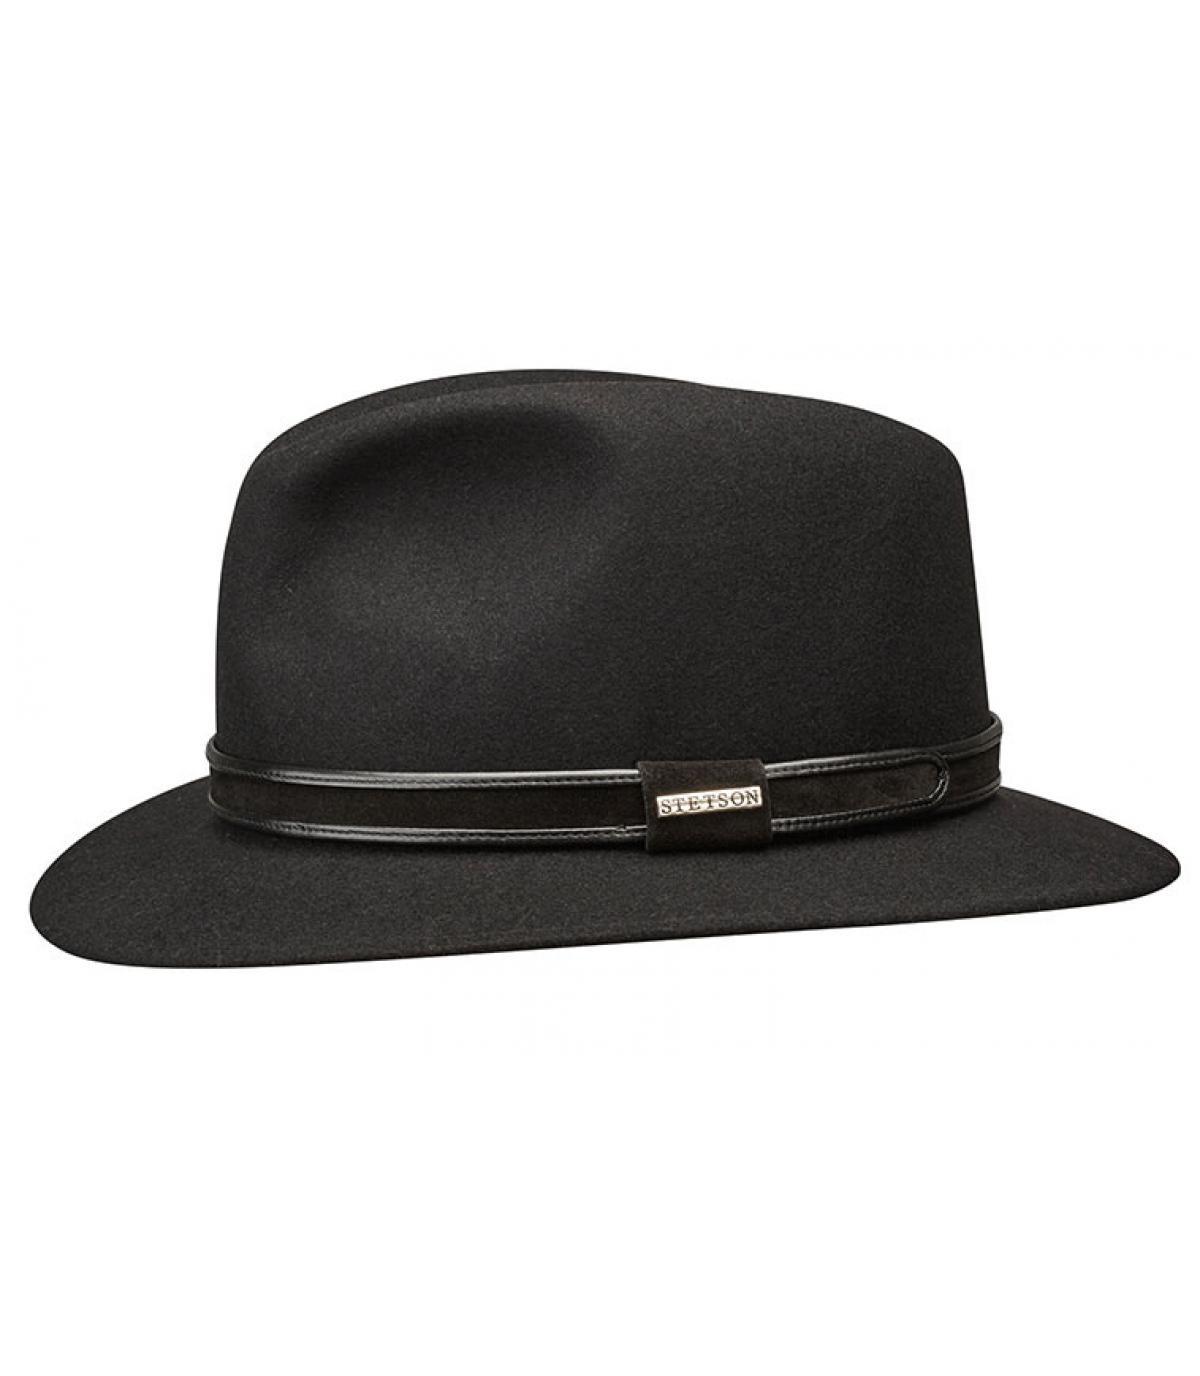 black fedora felt Stetson - Traveller San Diego Furfelt black by ... cc69bb4a87b